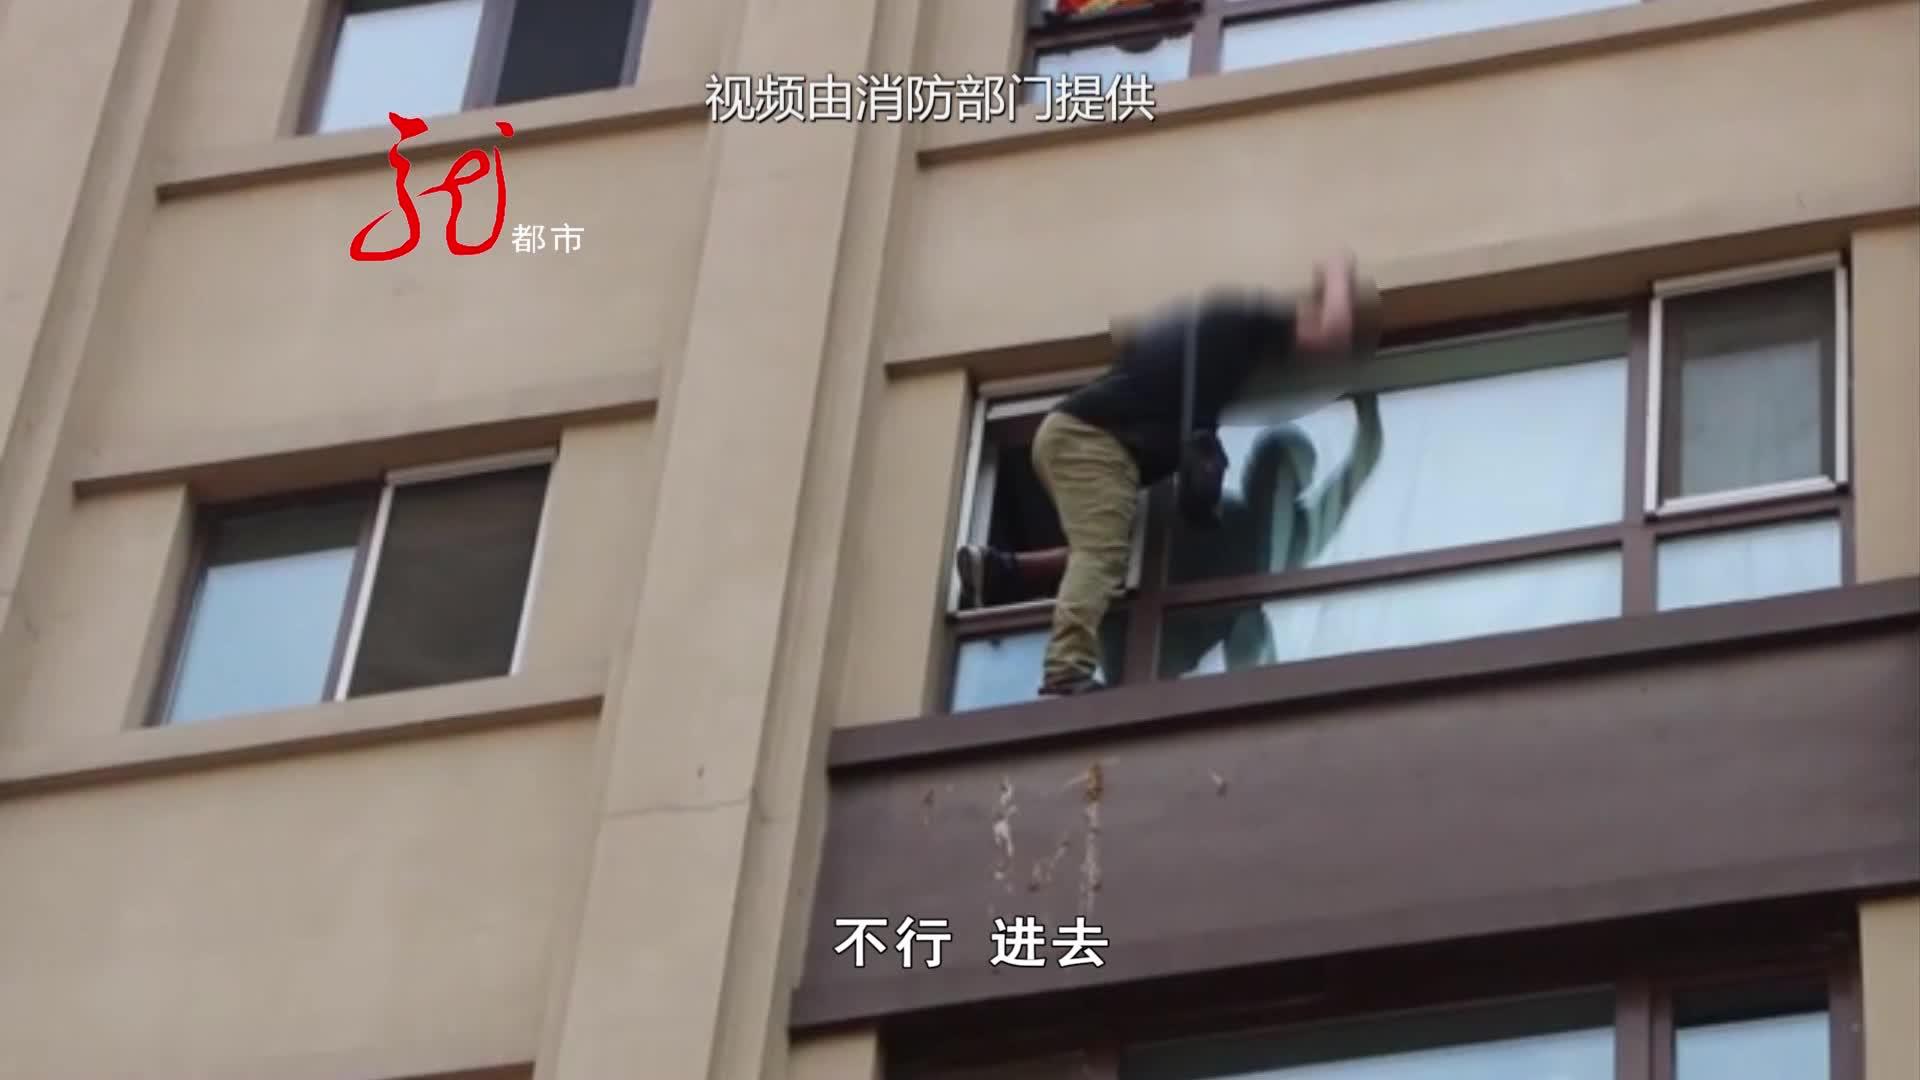 男子情绪激动 翻过窗台想要轻生 消防队员冒险在楼外救援